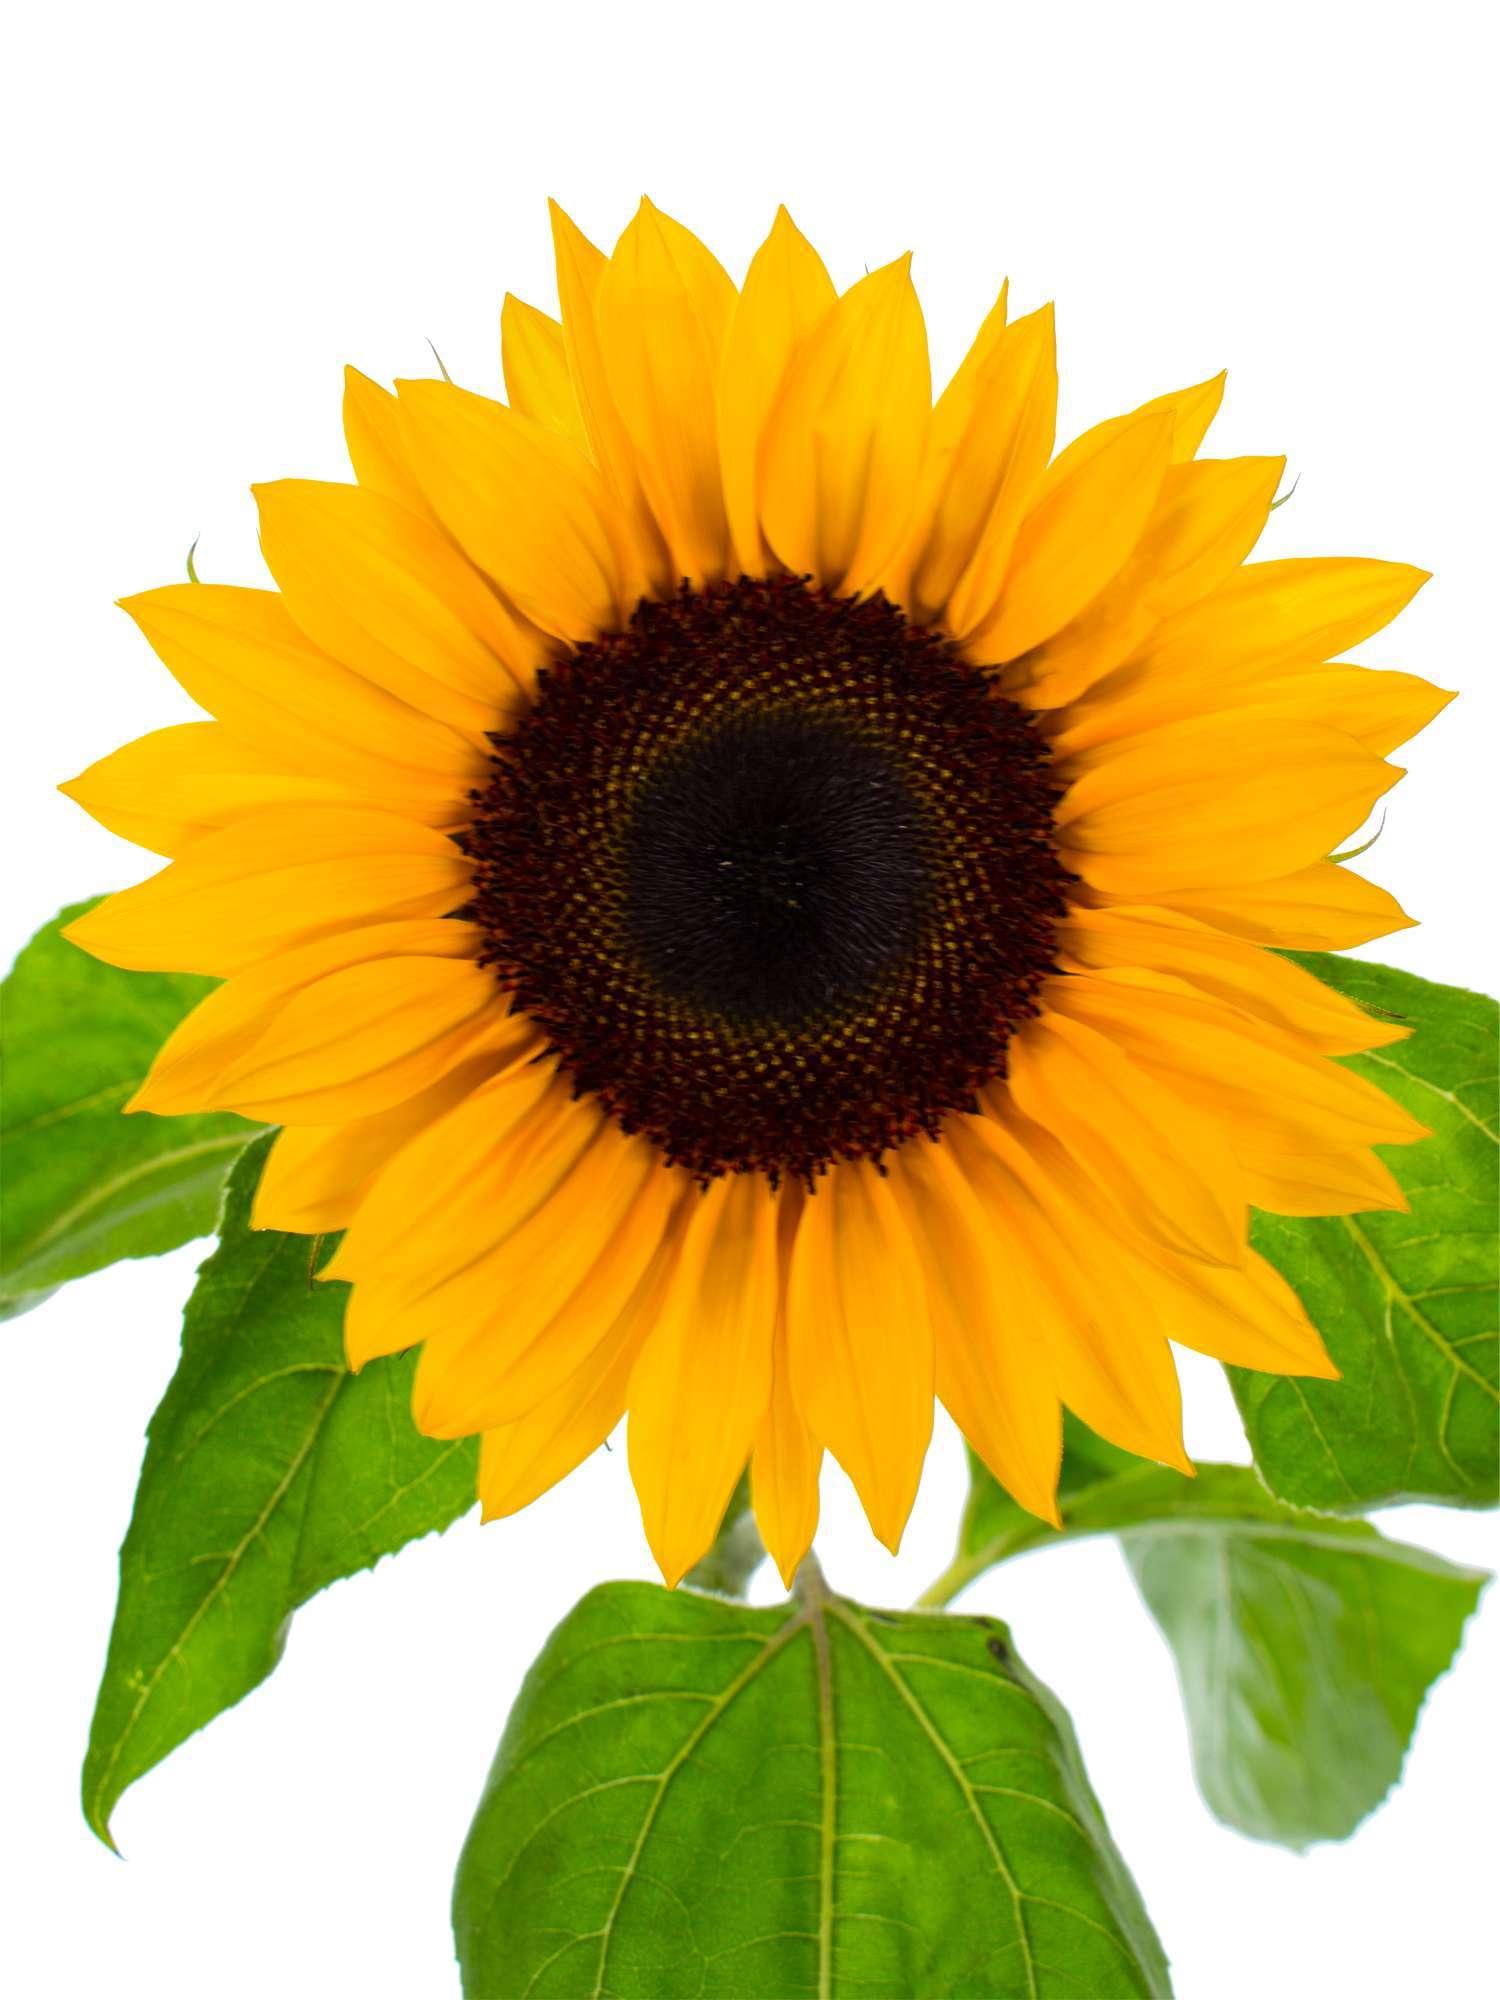 Gewöhnliche Sonnenblume – Pflanzen, pflegen, Tipps: Informationen ...